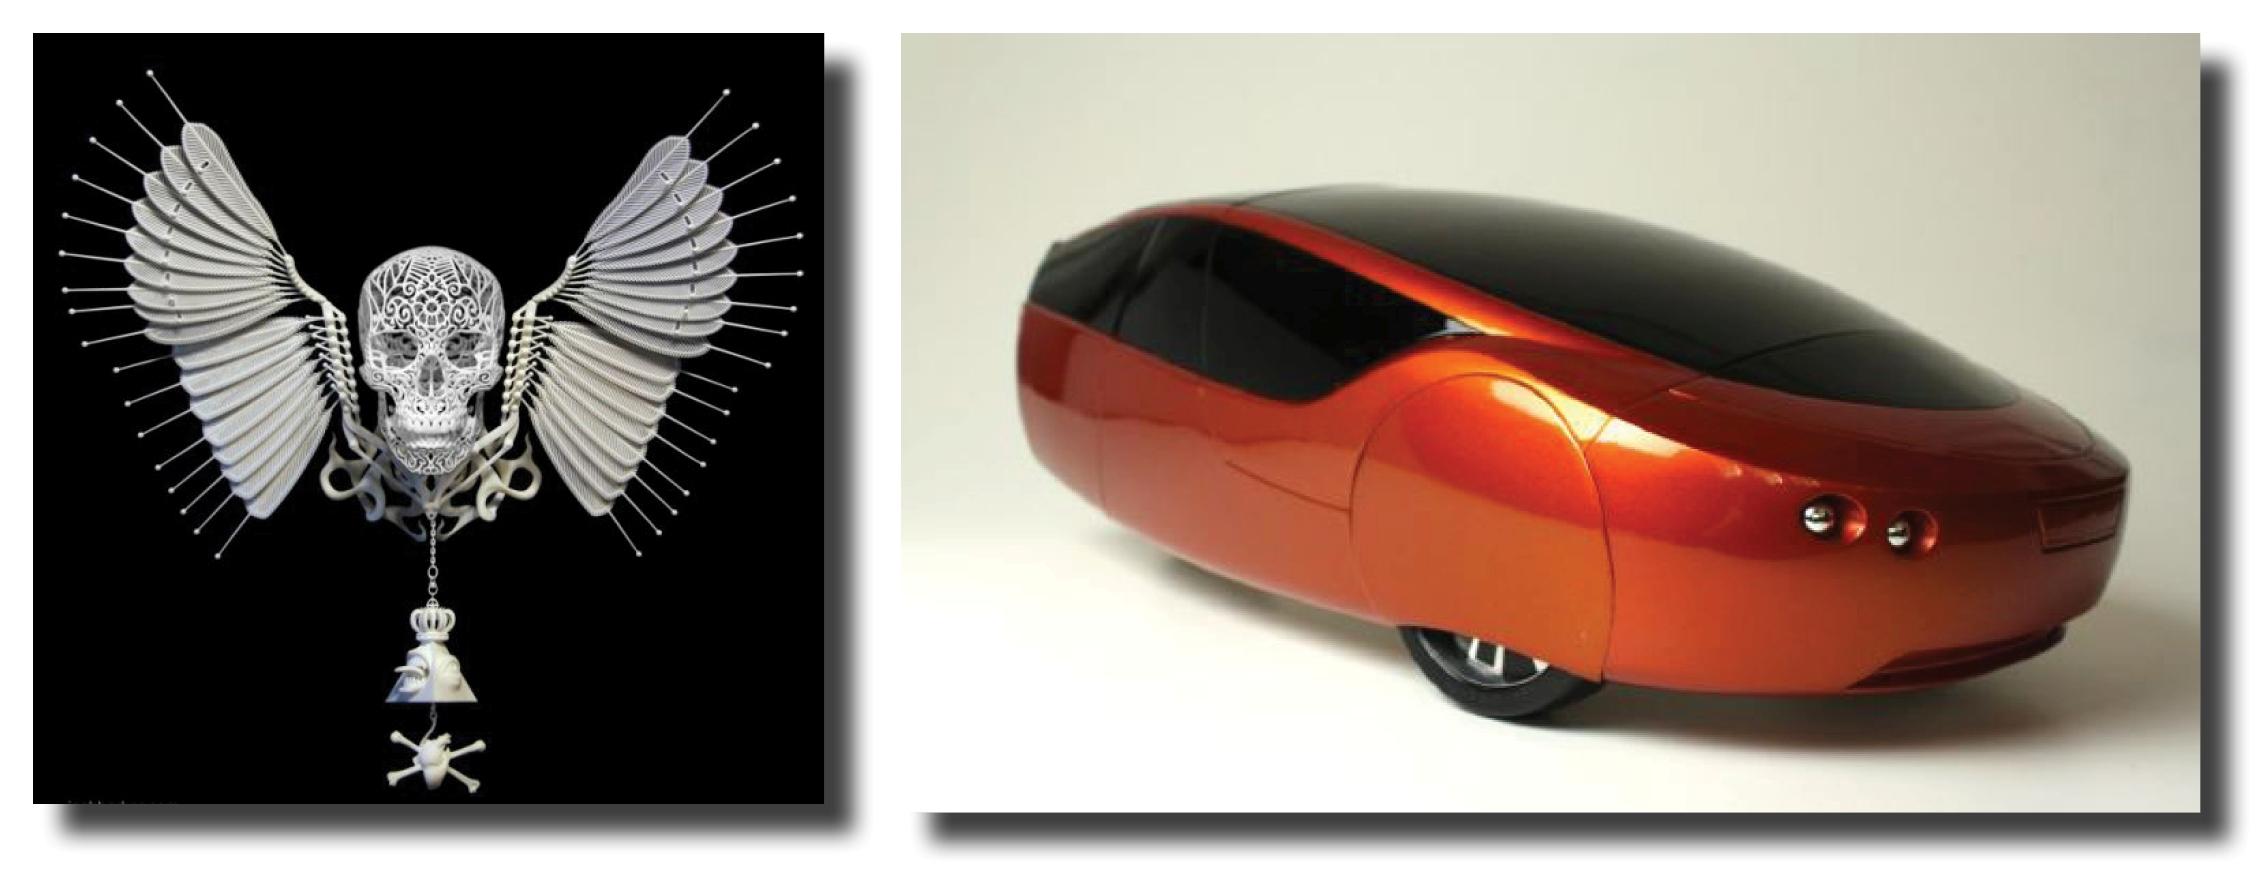 Création Anatomica di Revolutis de Joshua Harker. Première voiture imprimée en 3D, Urbee Car. Photo (c) KOR EcoLogic